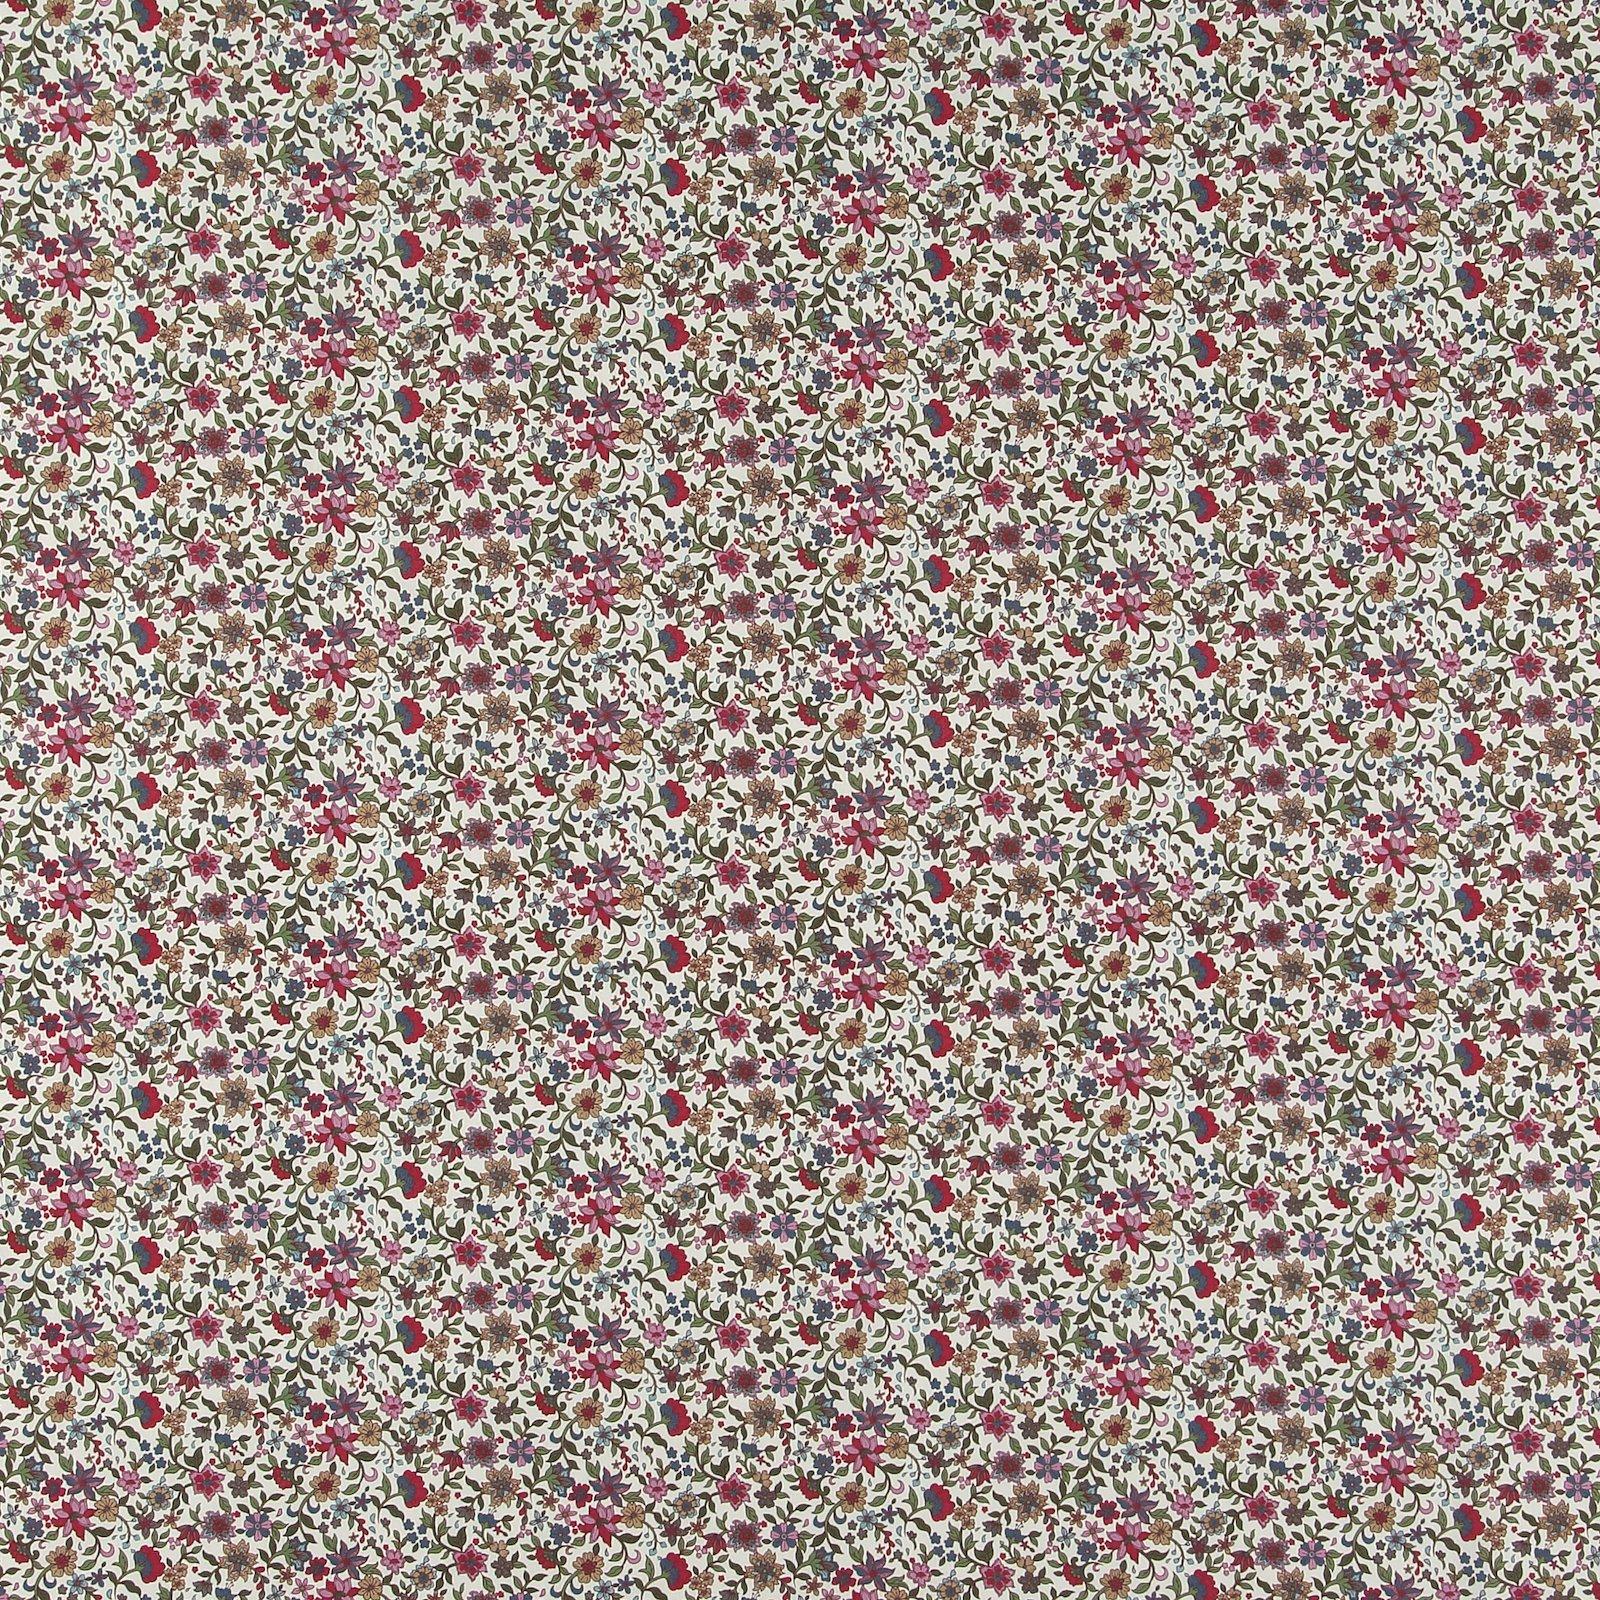 Baumwolle, Puder mit Blumen 852402_pack_sp